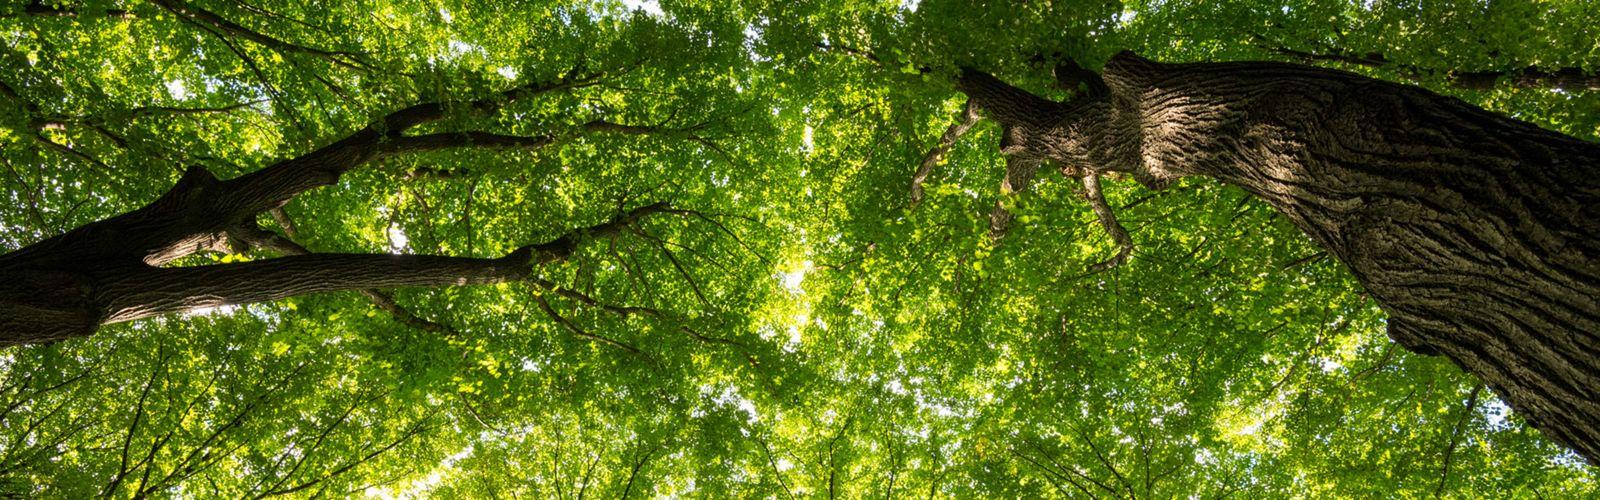 擁有超過550種植物,樹木和灌木,是鳥類和其他野生動物的重要棲息地。